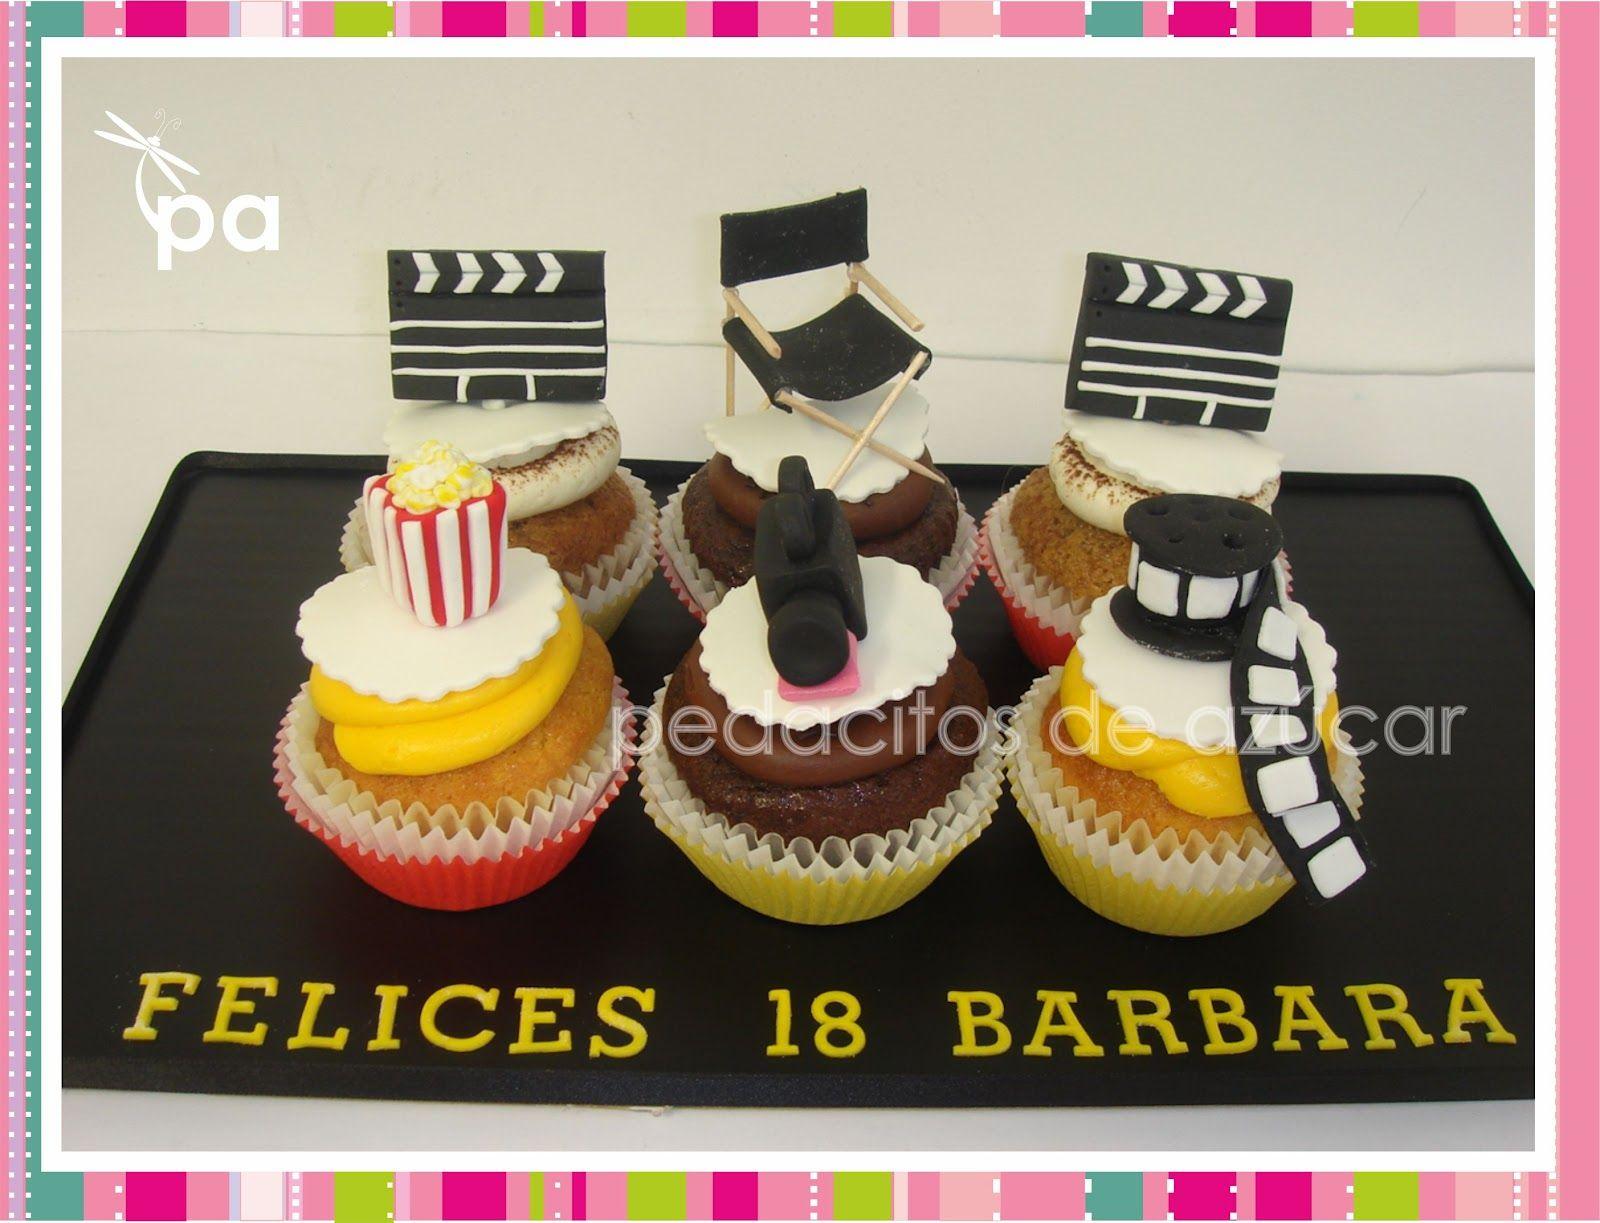 Pedacitos de az car cupcakes cine decoraci n tartas en 2019 decoracion tarta pasteles y - Pizza rapid silla ...